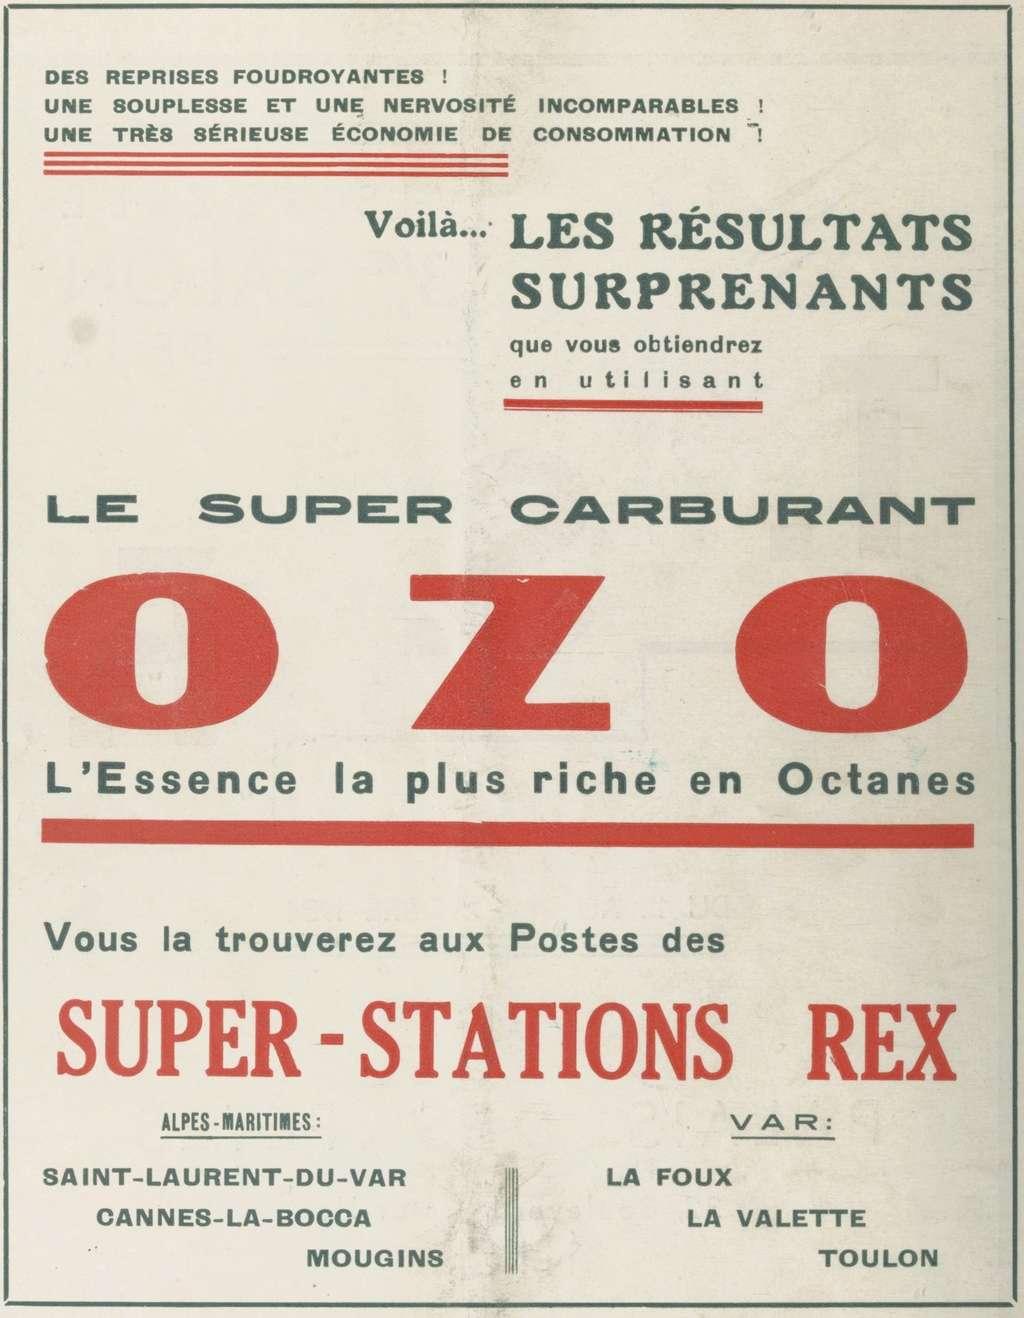 un petit Musée privé sur le thème des vieilles pompes à essence - Page 2 5233